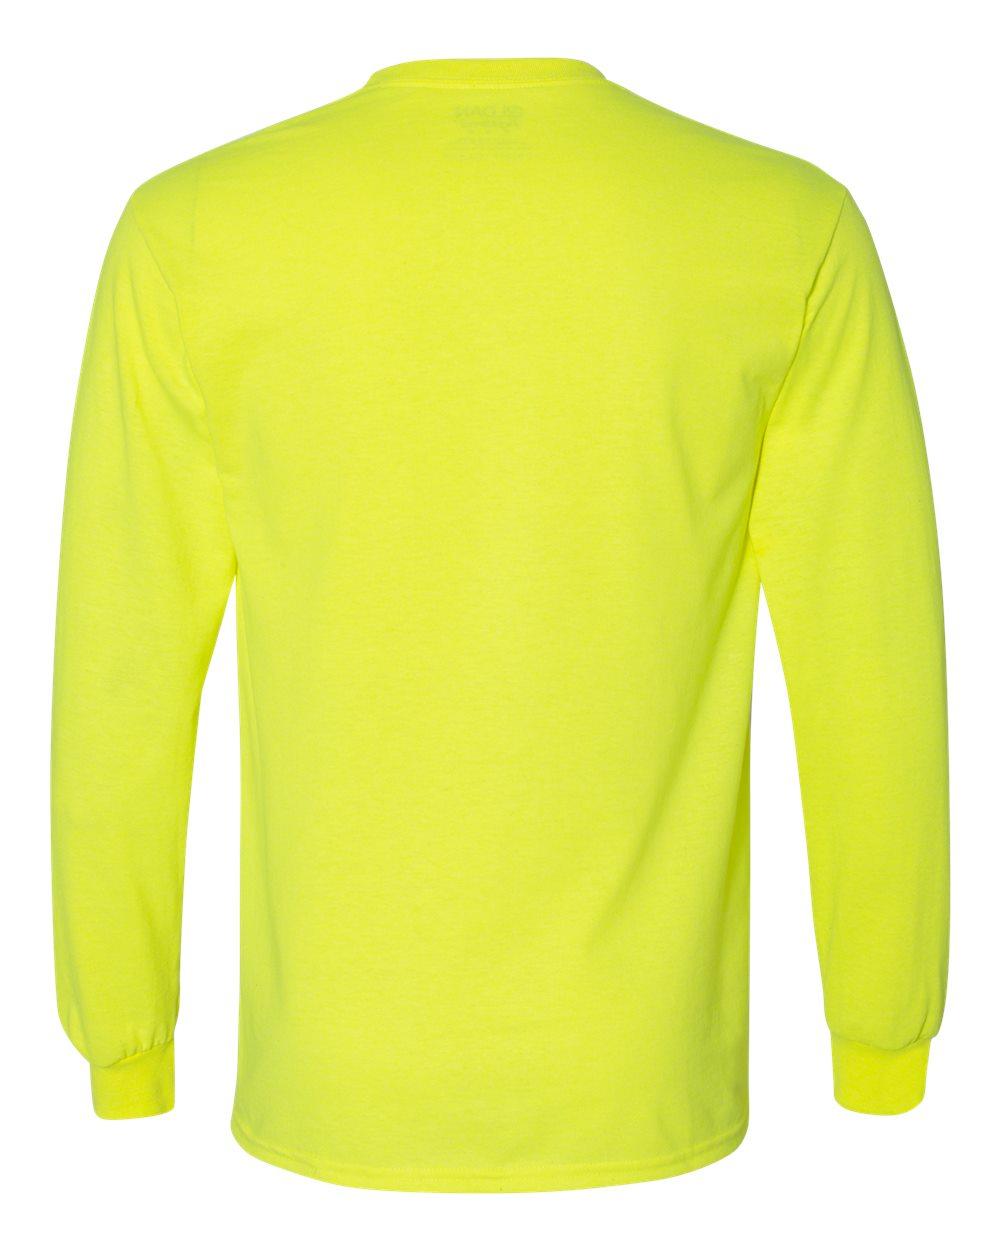 Gildan-Mens-Blank-DryBlend-50-50-Cotton-Long-Sleeve-T-Shirt-8400-up-to-3XL miniature 40